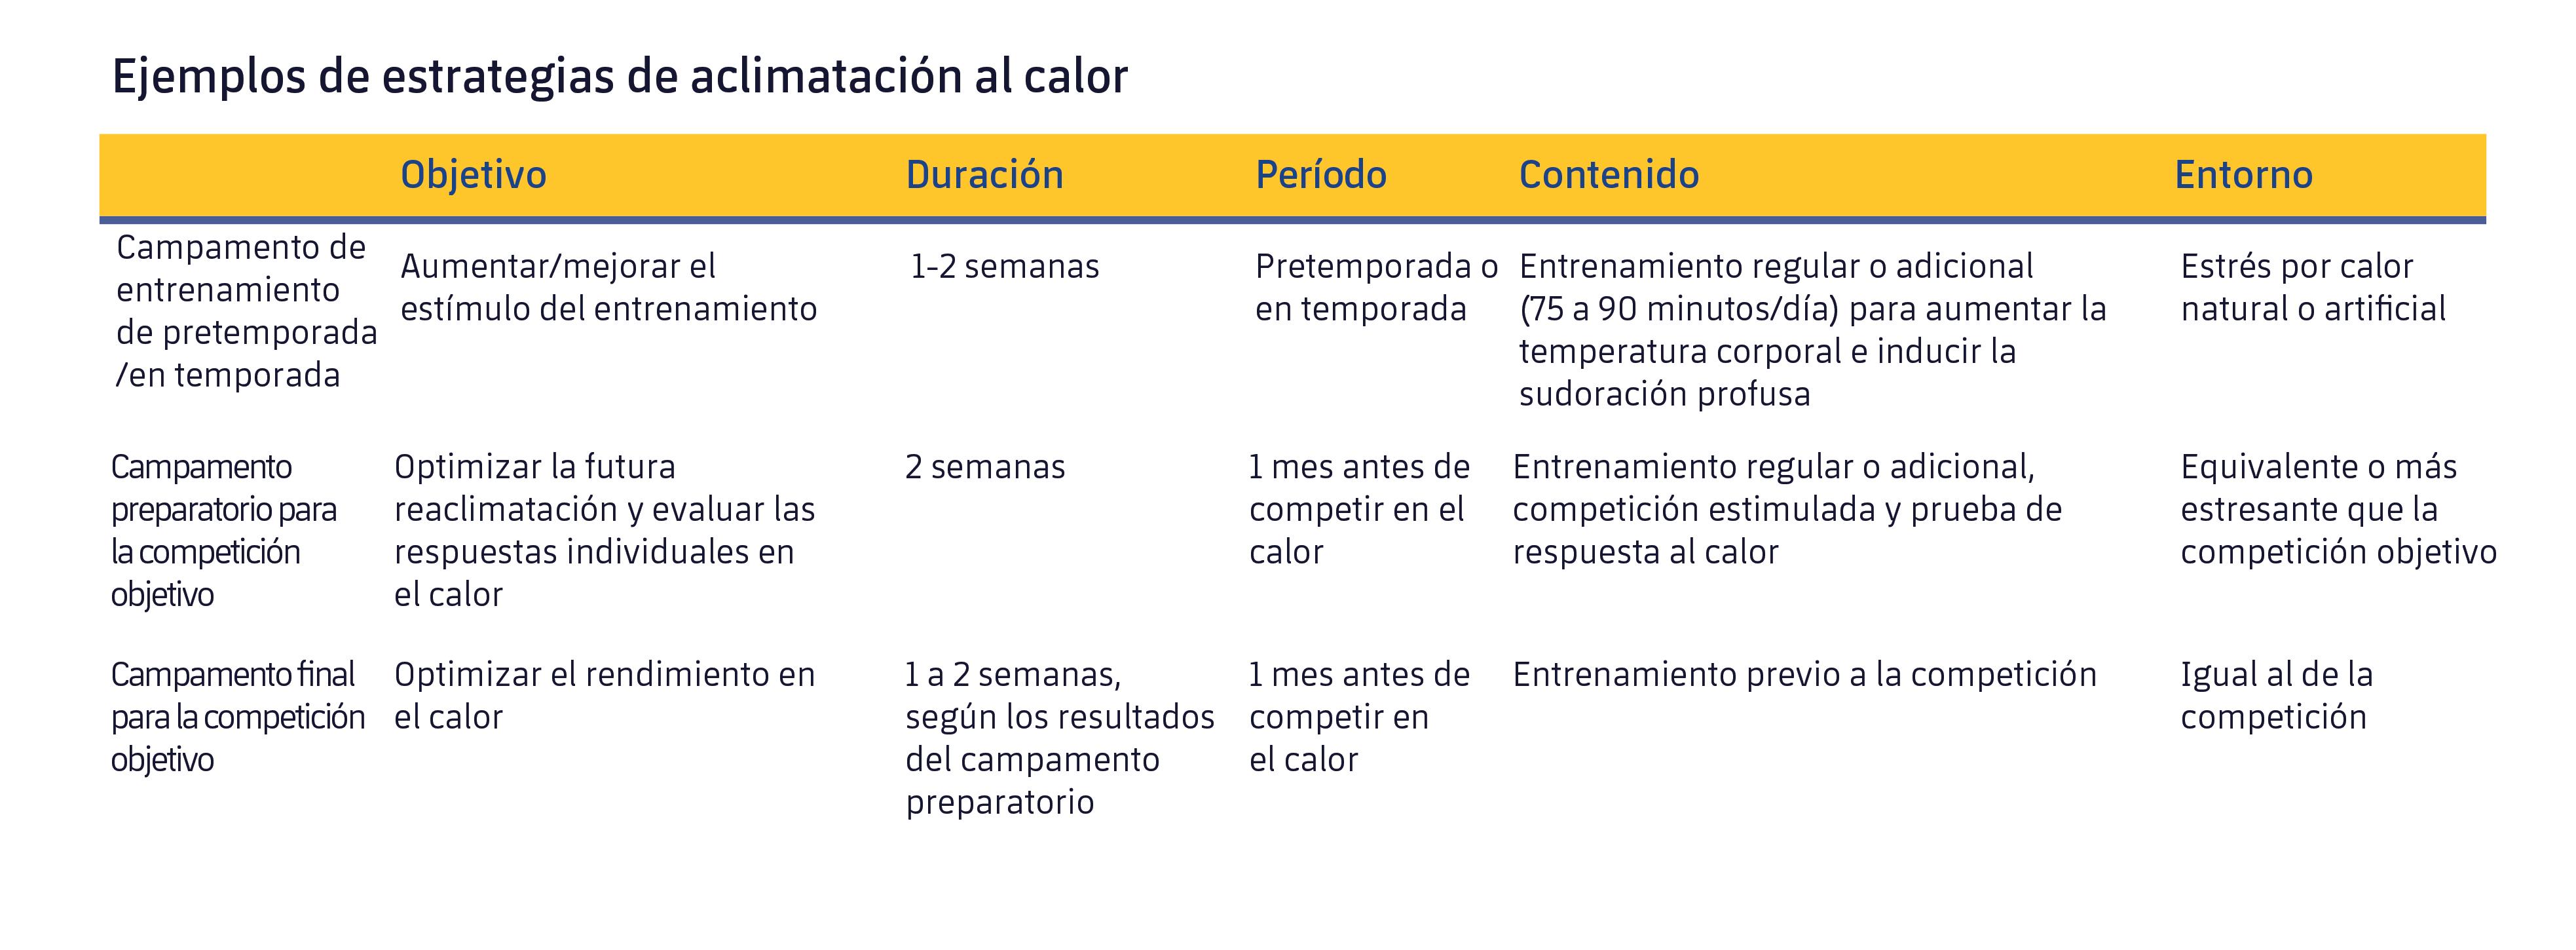 Figura 2. Estrategias para optimizar la aclimatación antes de una competición. Modificado de Racinais et al. (2015).